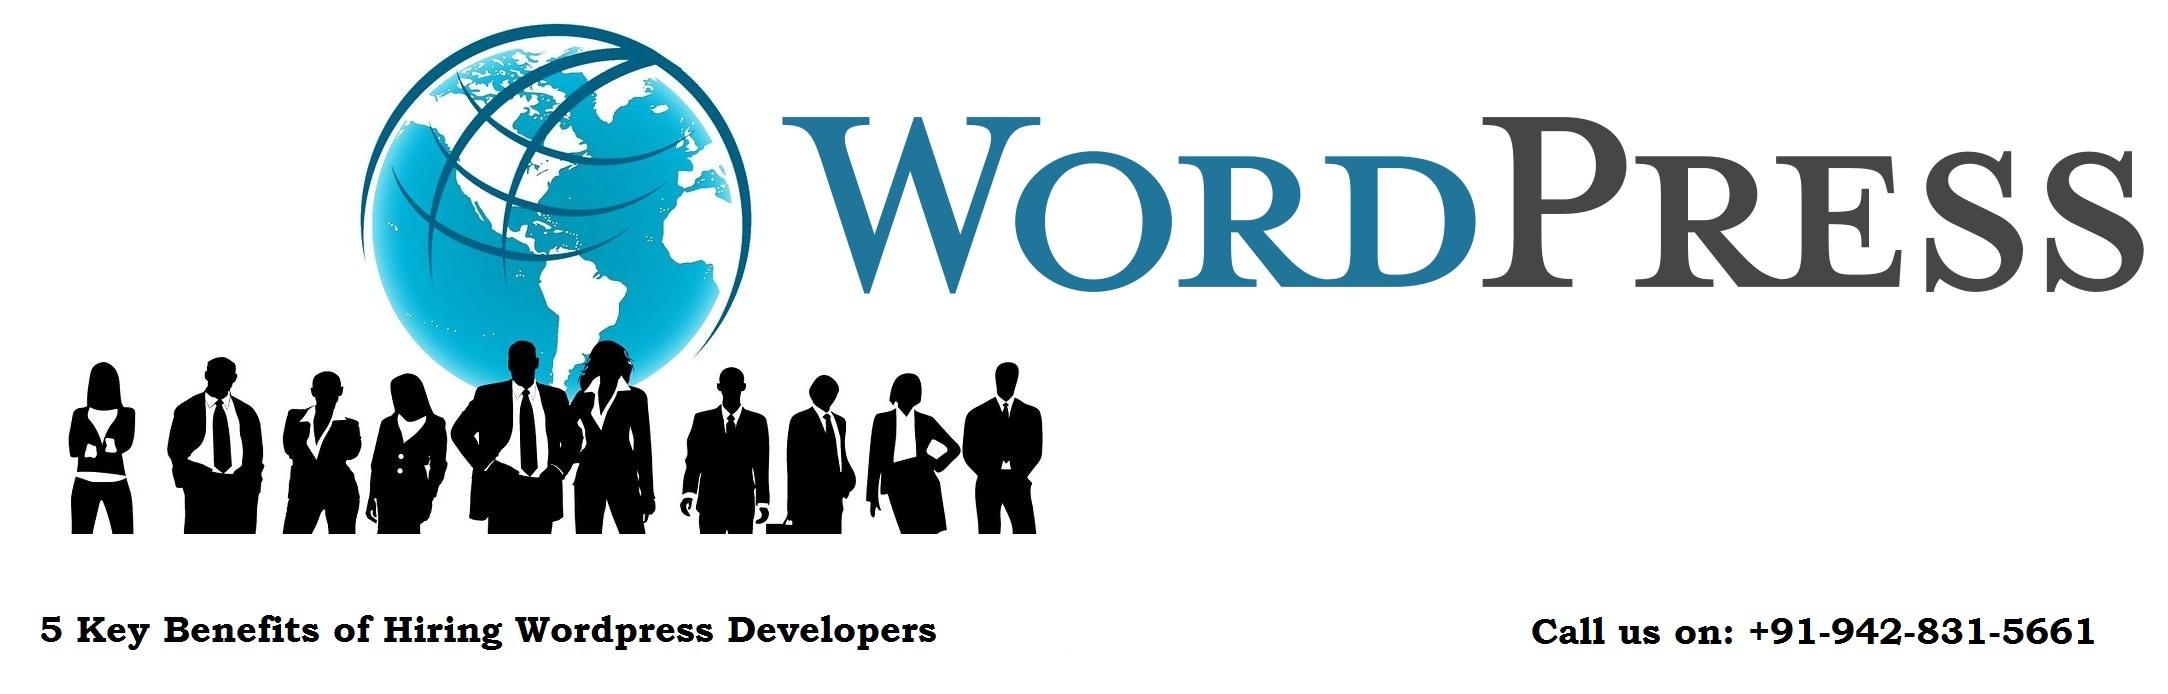 5-benefits-of-hiring-wordpress-developers-in-india